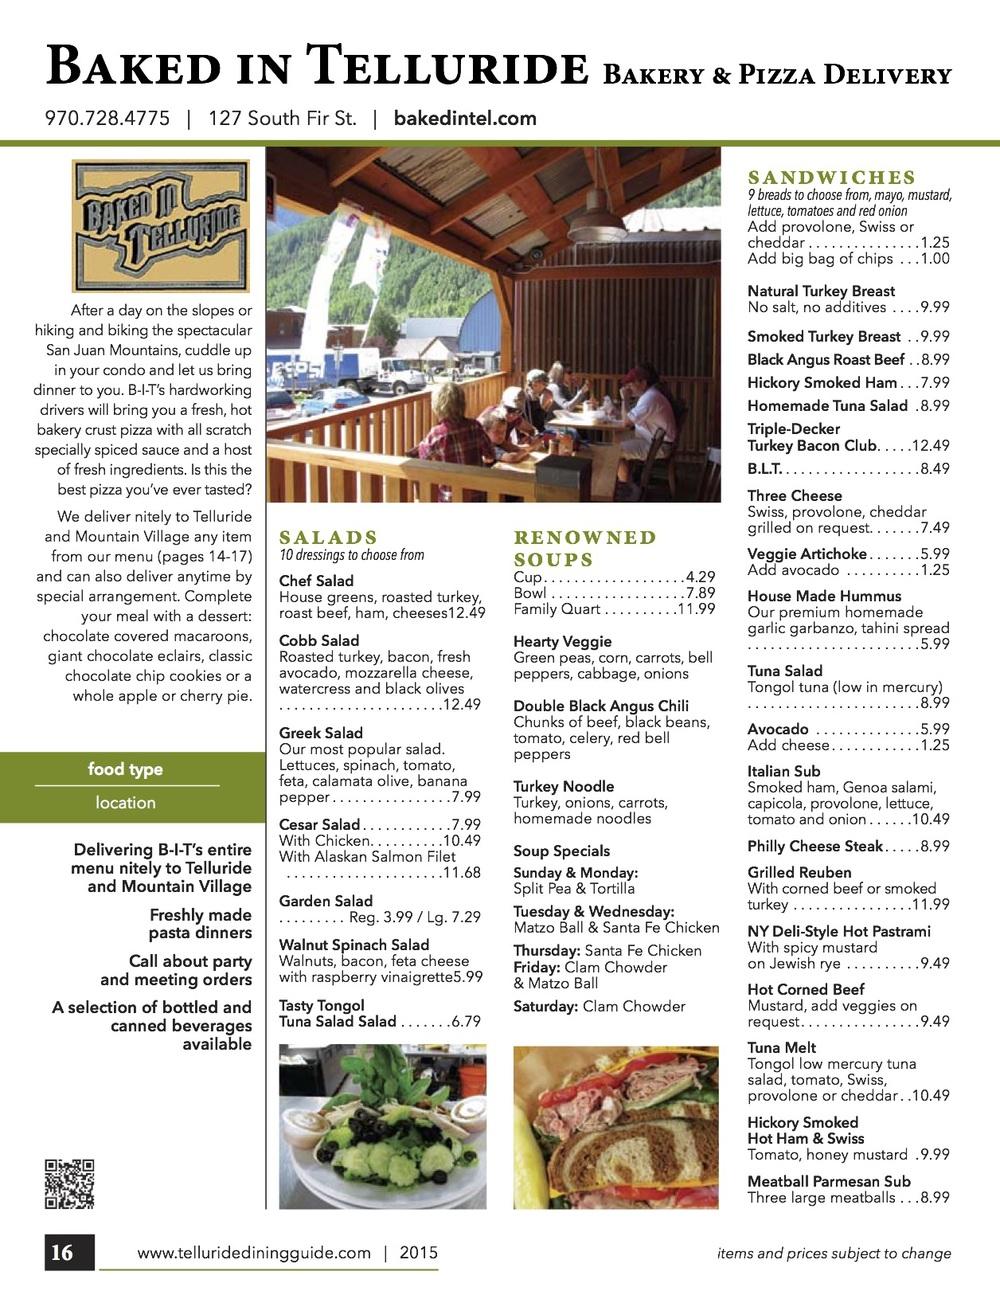 dining guide 2014-2015 3.jpg